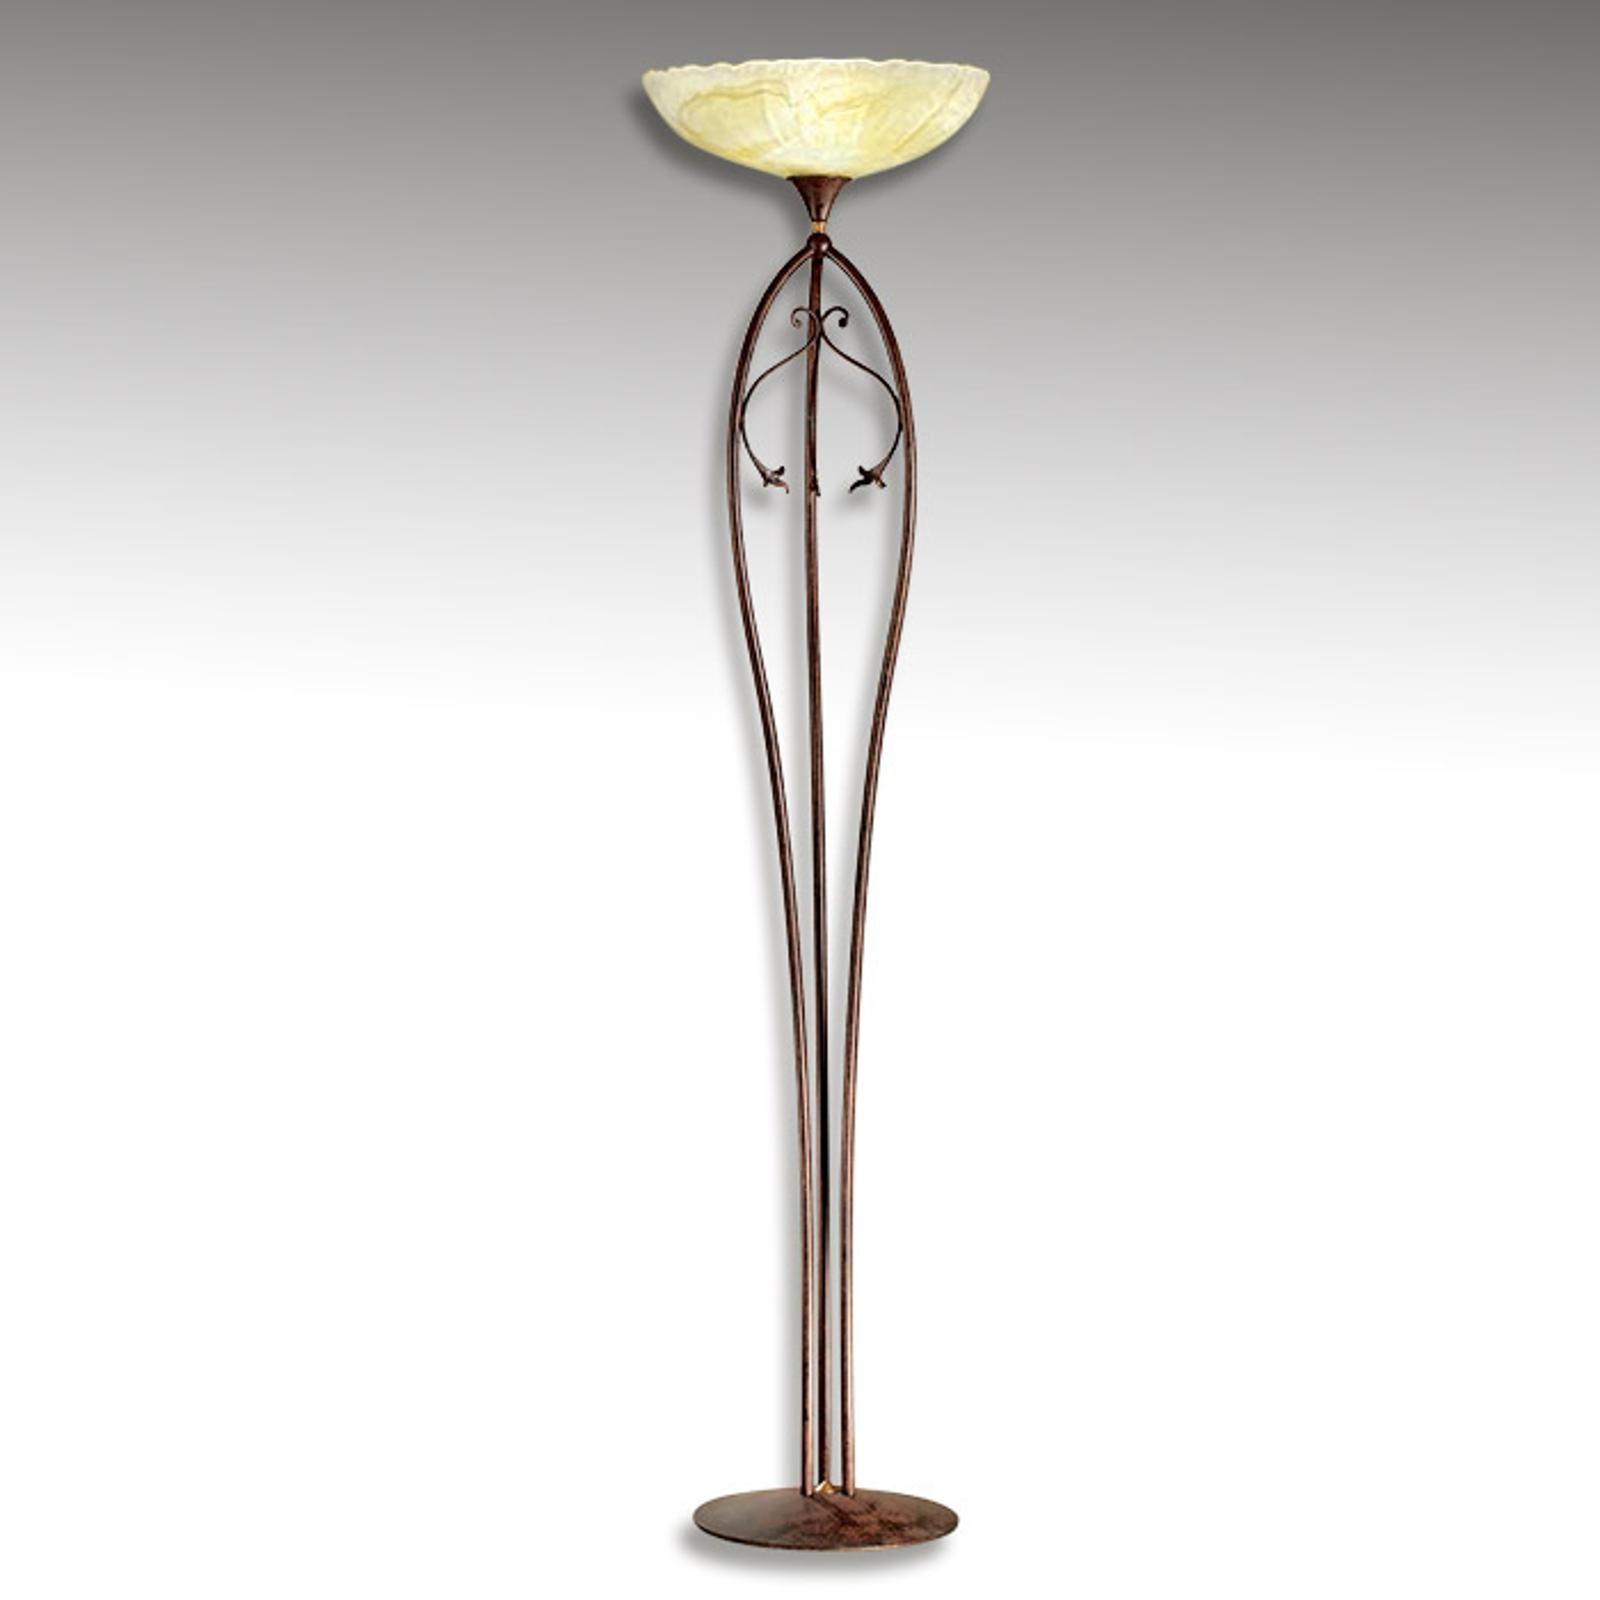 Lampa stojąca z podświetleniem sufitu Armelle